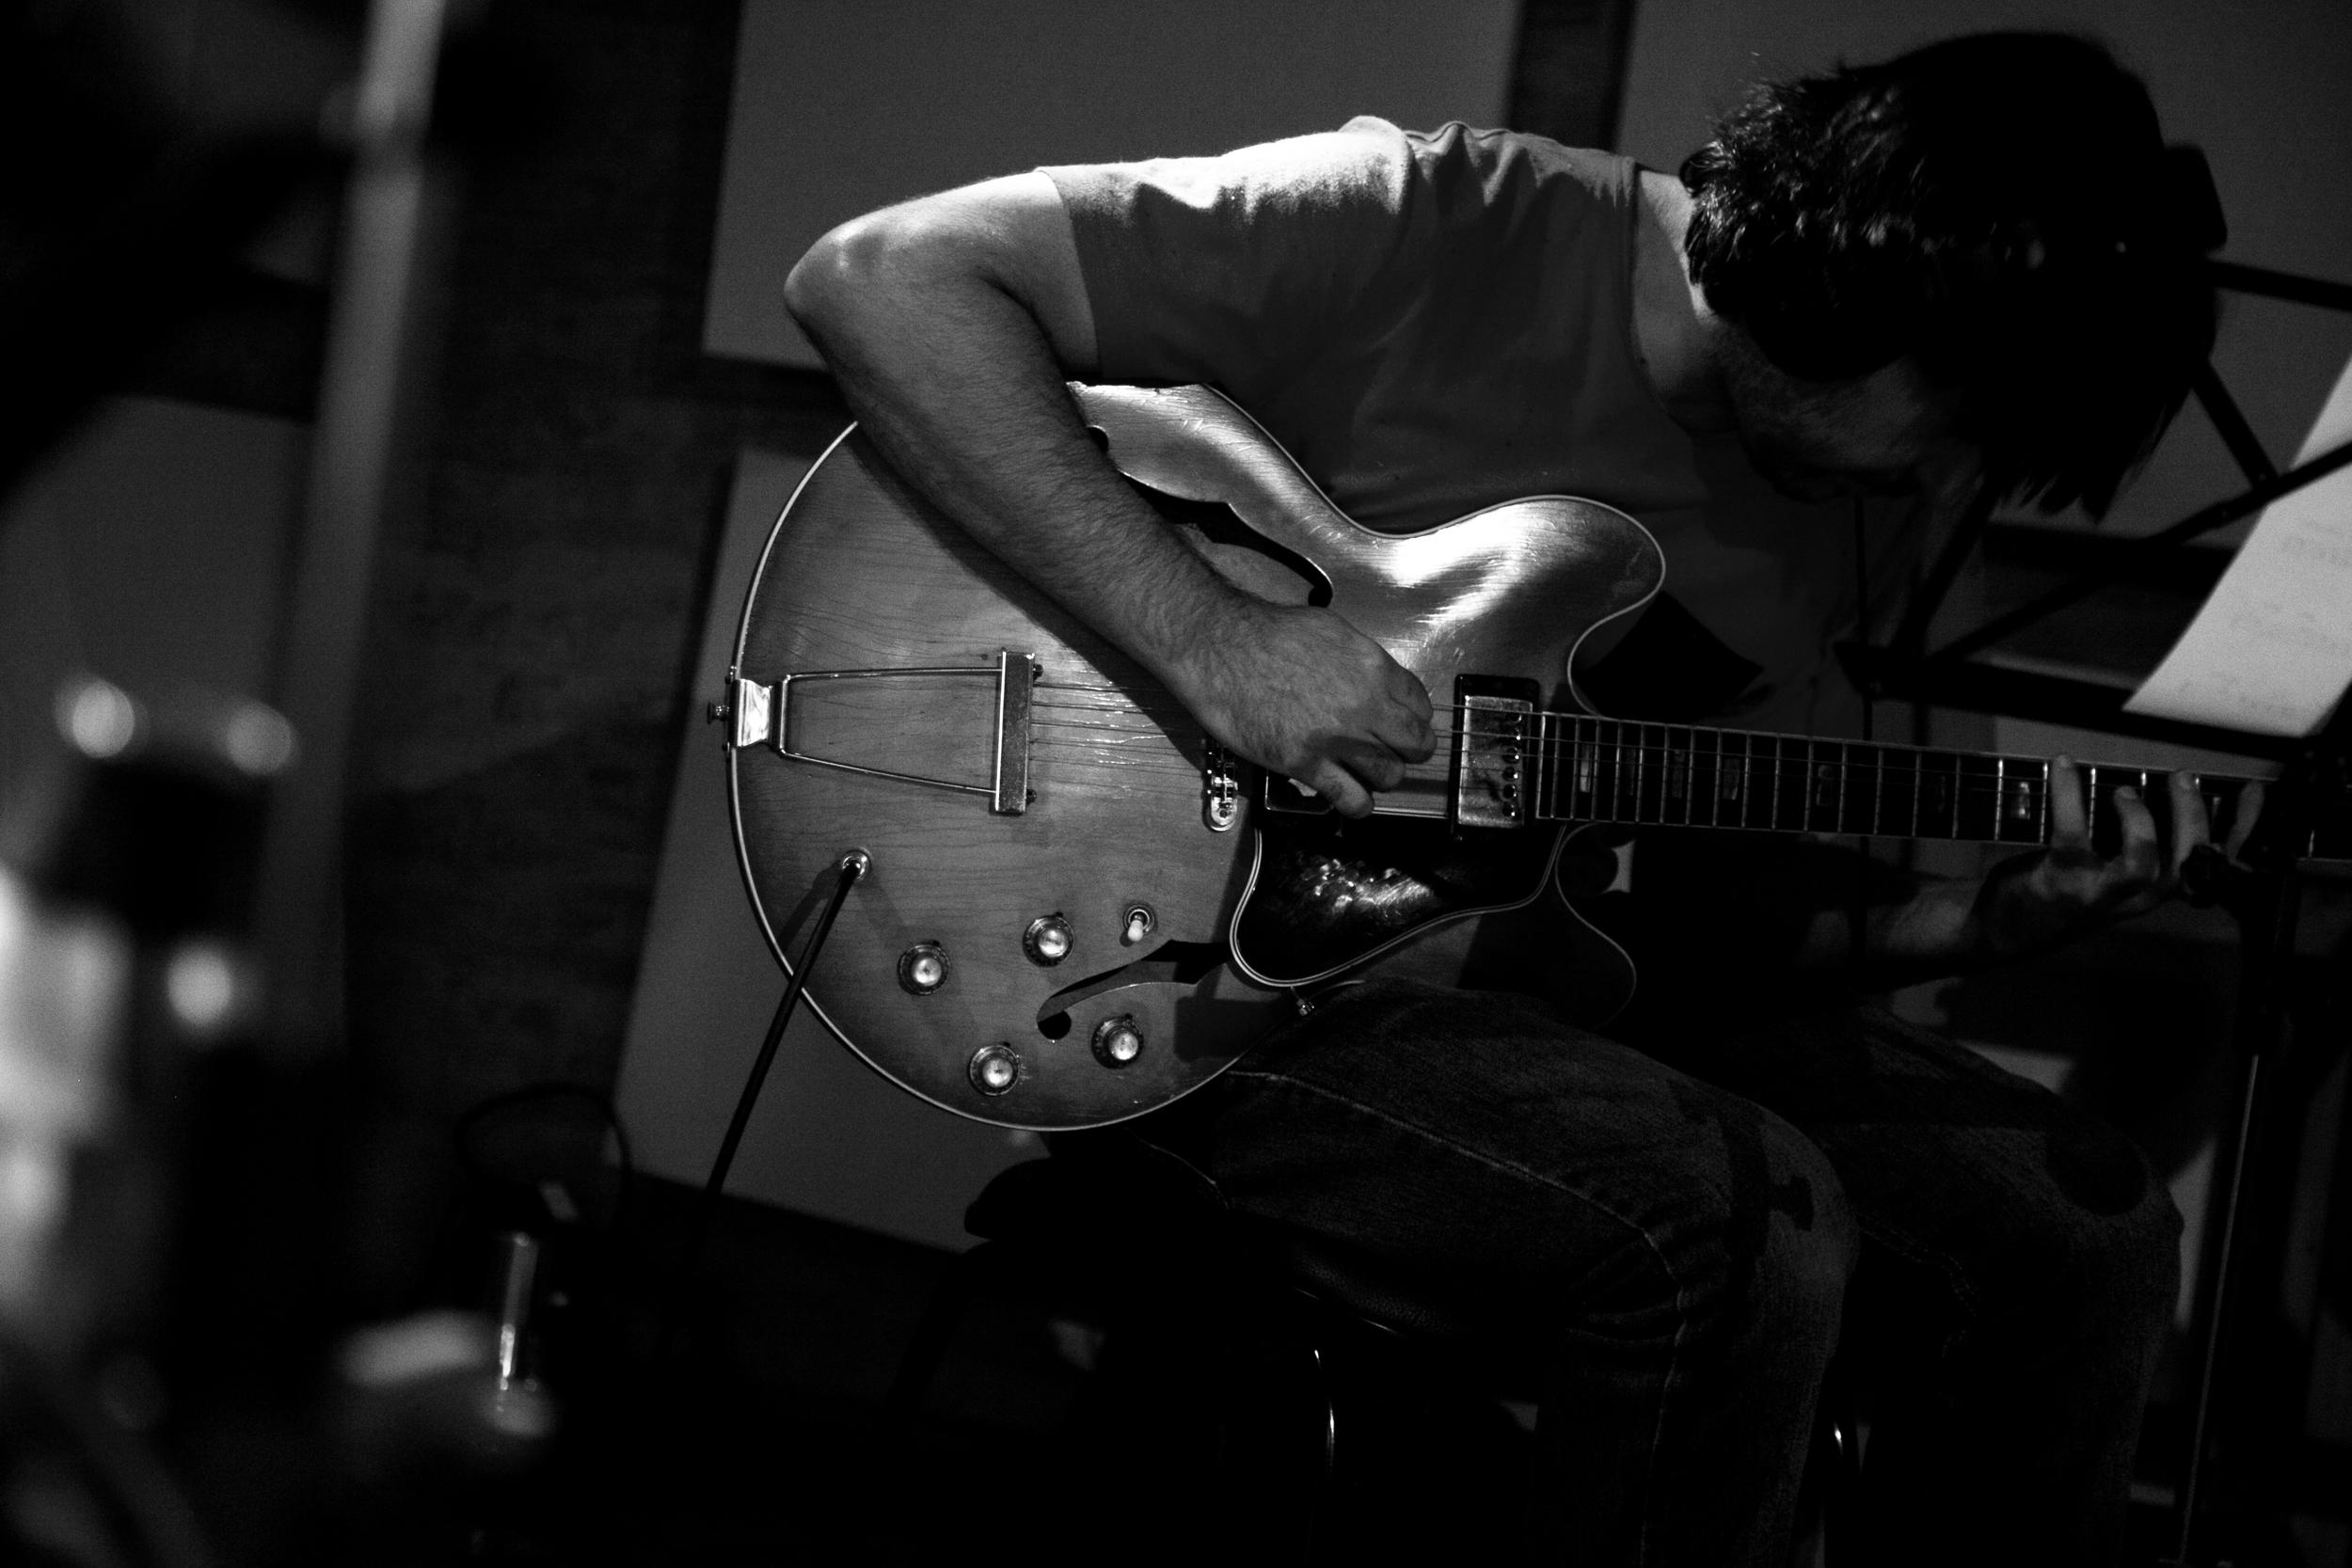 21_Guitar_1_BW_53.jpg